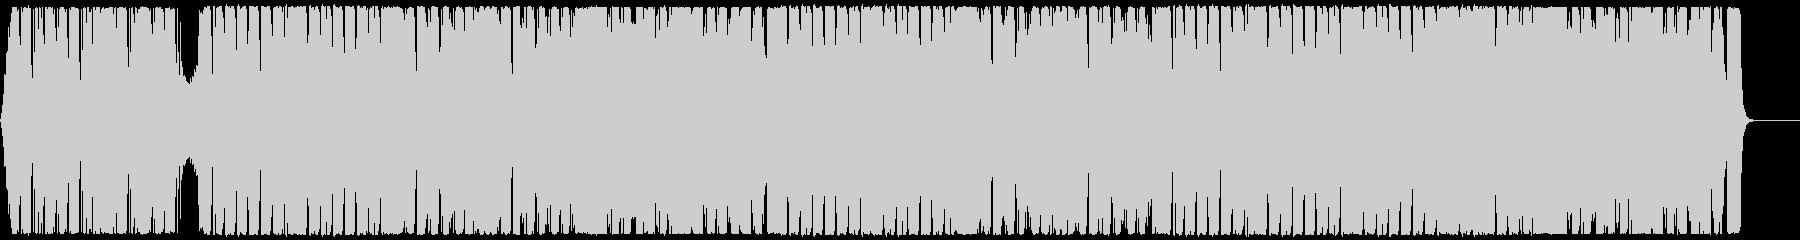 モダンなクラブサウンド CM・企業VPの未再生の波形